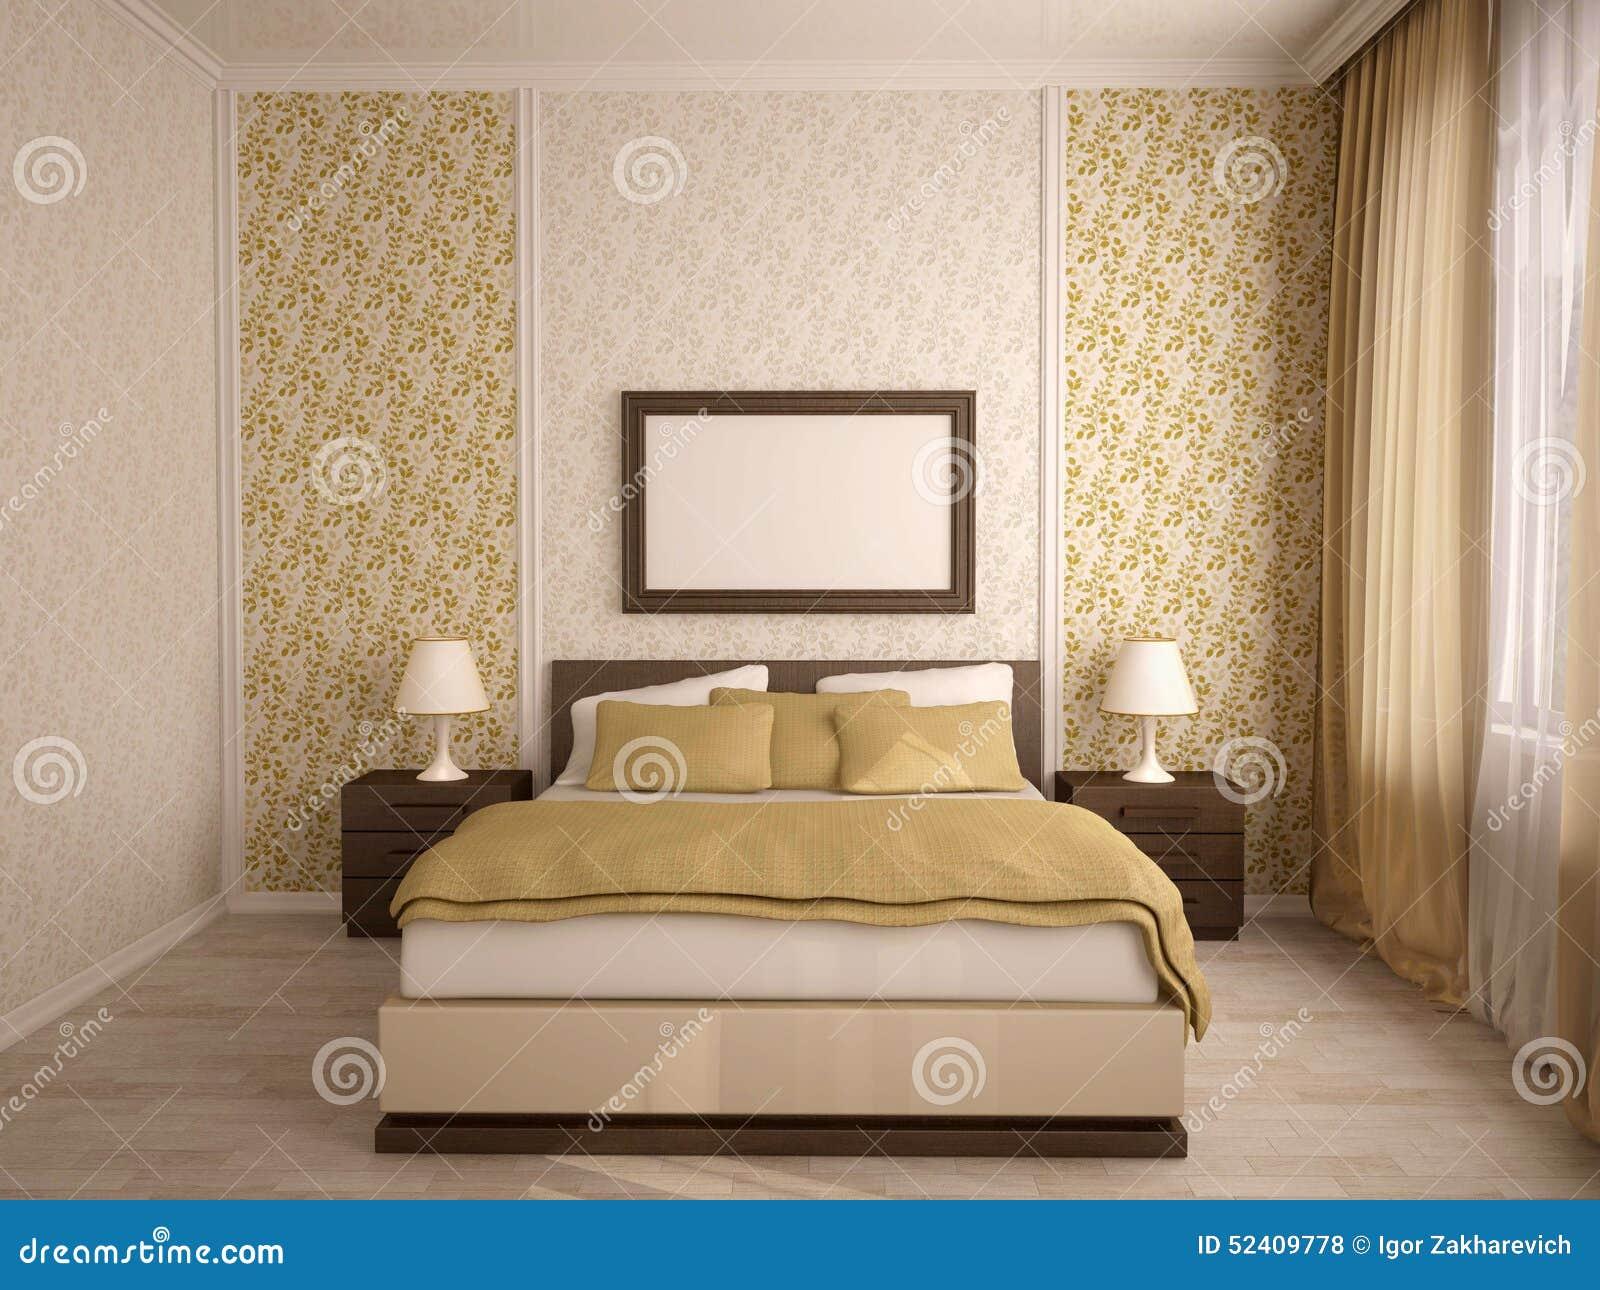 Camere da letto moderne - Case moderne interni camere da letto ...